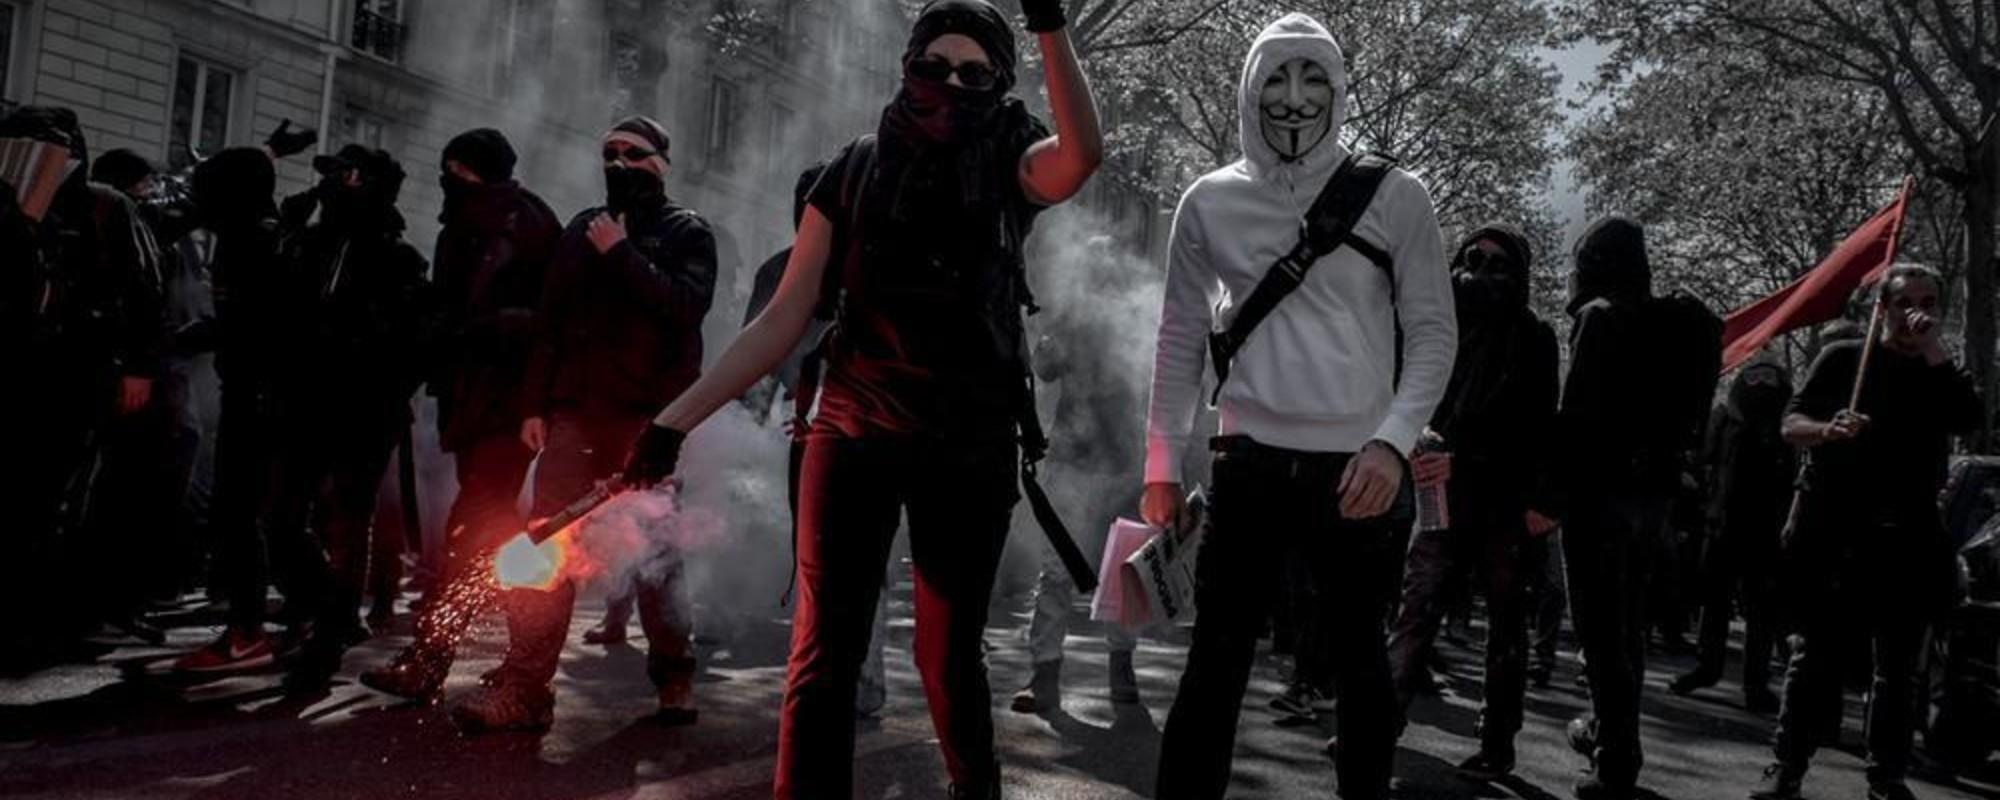 Foto's van de 1 mei-rellen in Parijs